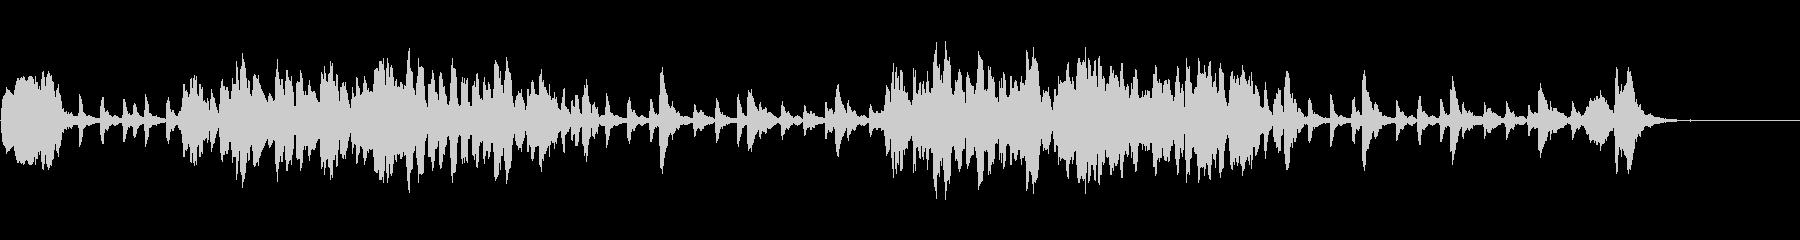 木管と木琴のコミカルなイメージの曲の未再生の波形